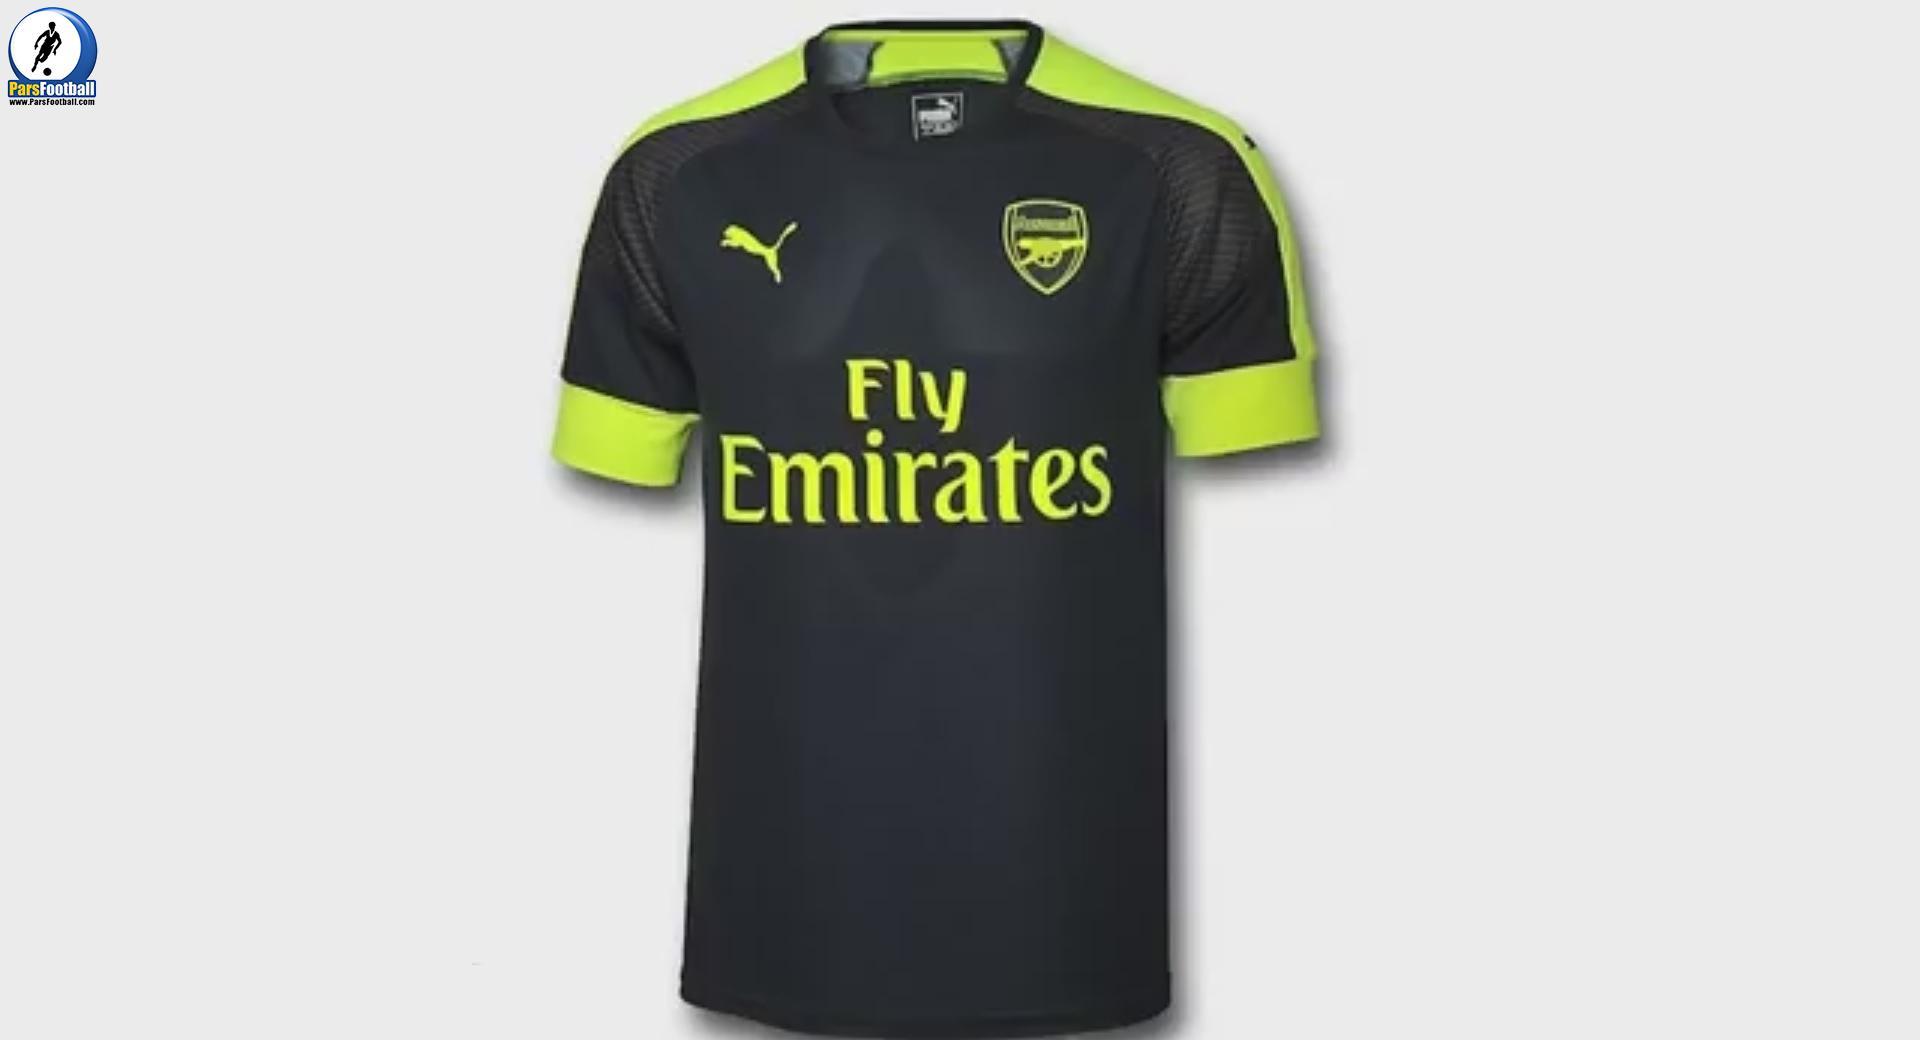 این پیراهن را شرکت پوما طراحی کرده و رسما آن را رونمایی کرده است. پیراهن سوم آرسنال به رنگ سورمه ای است